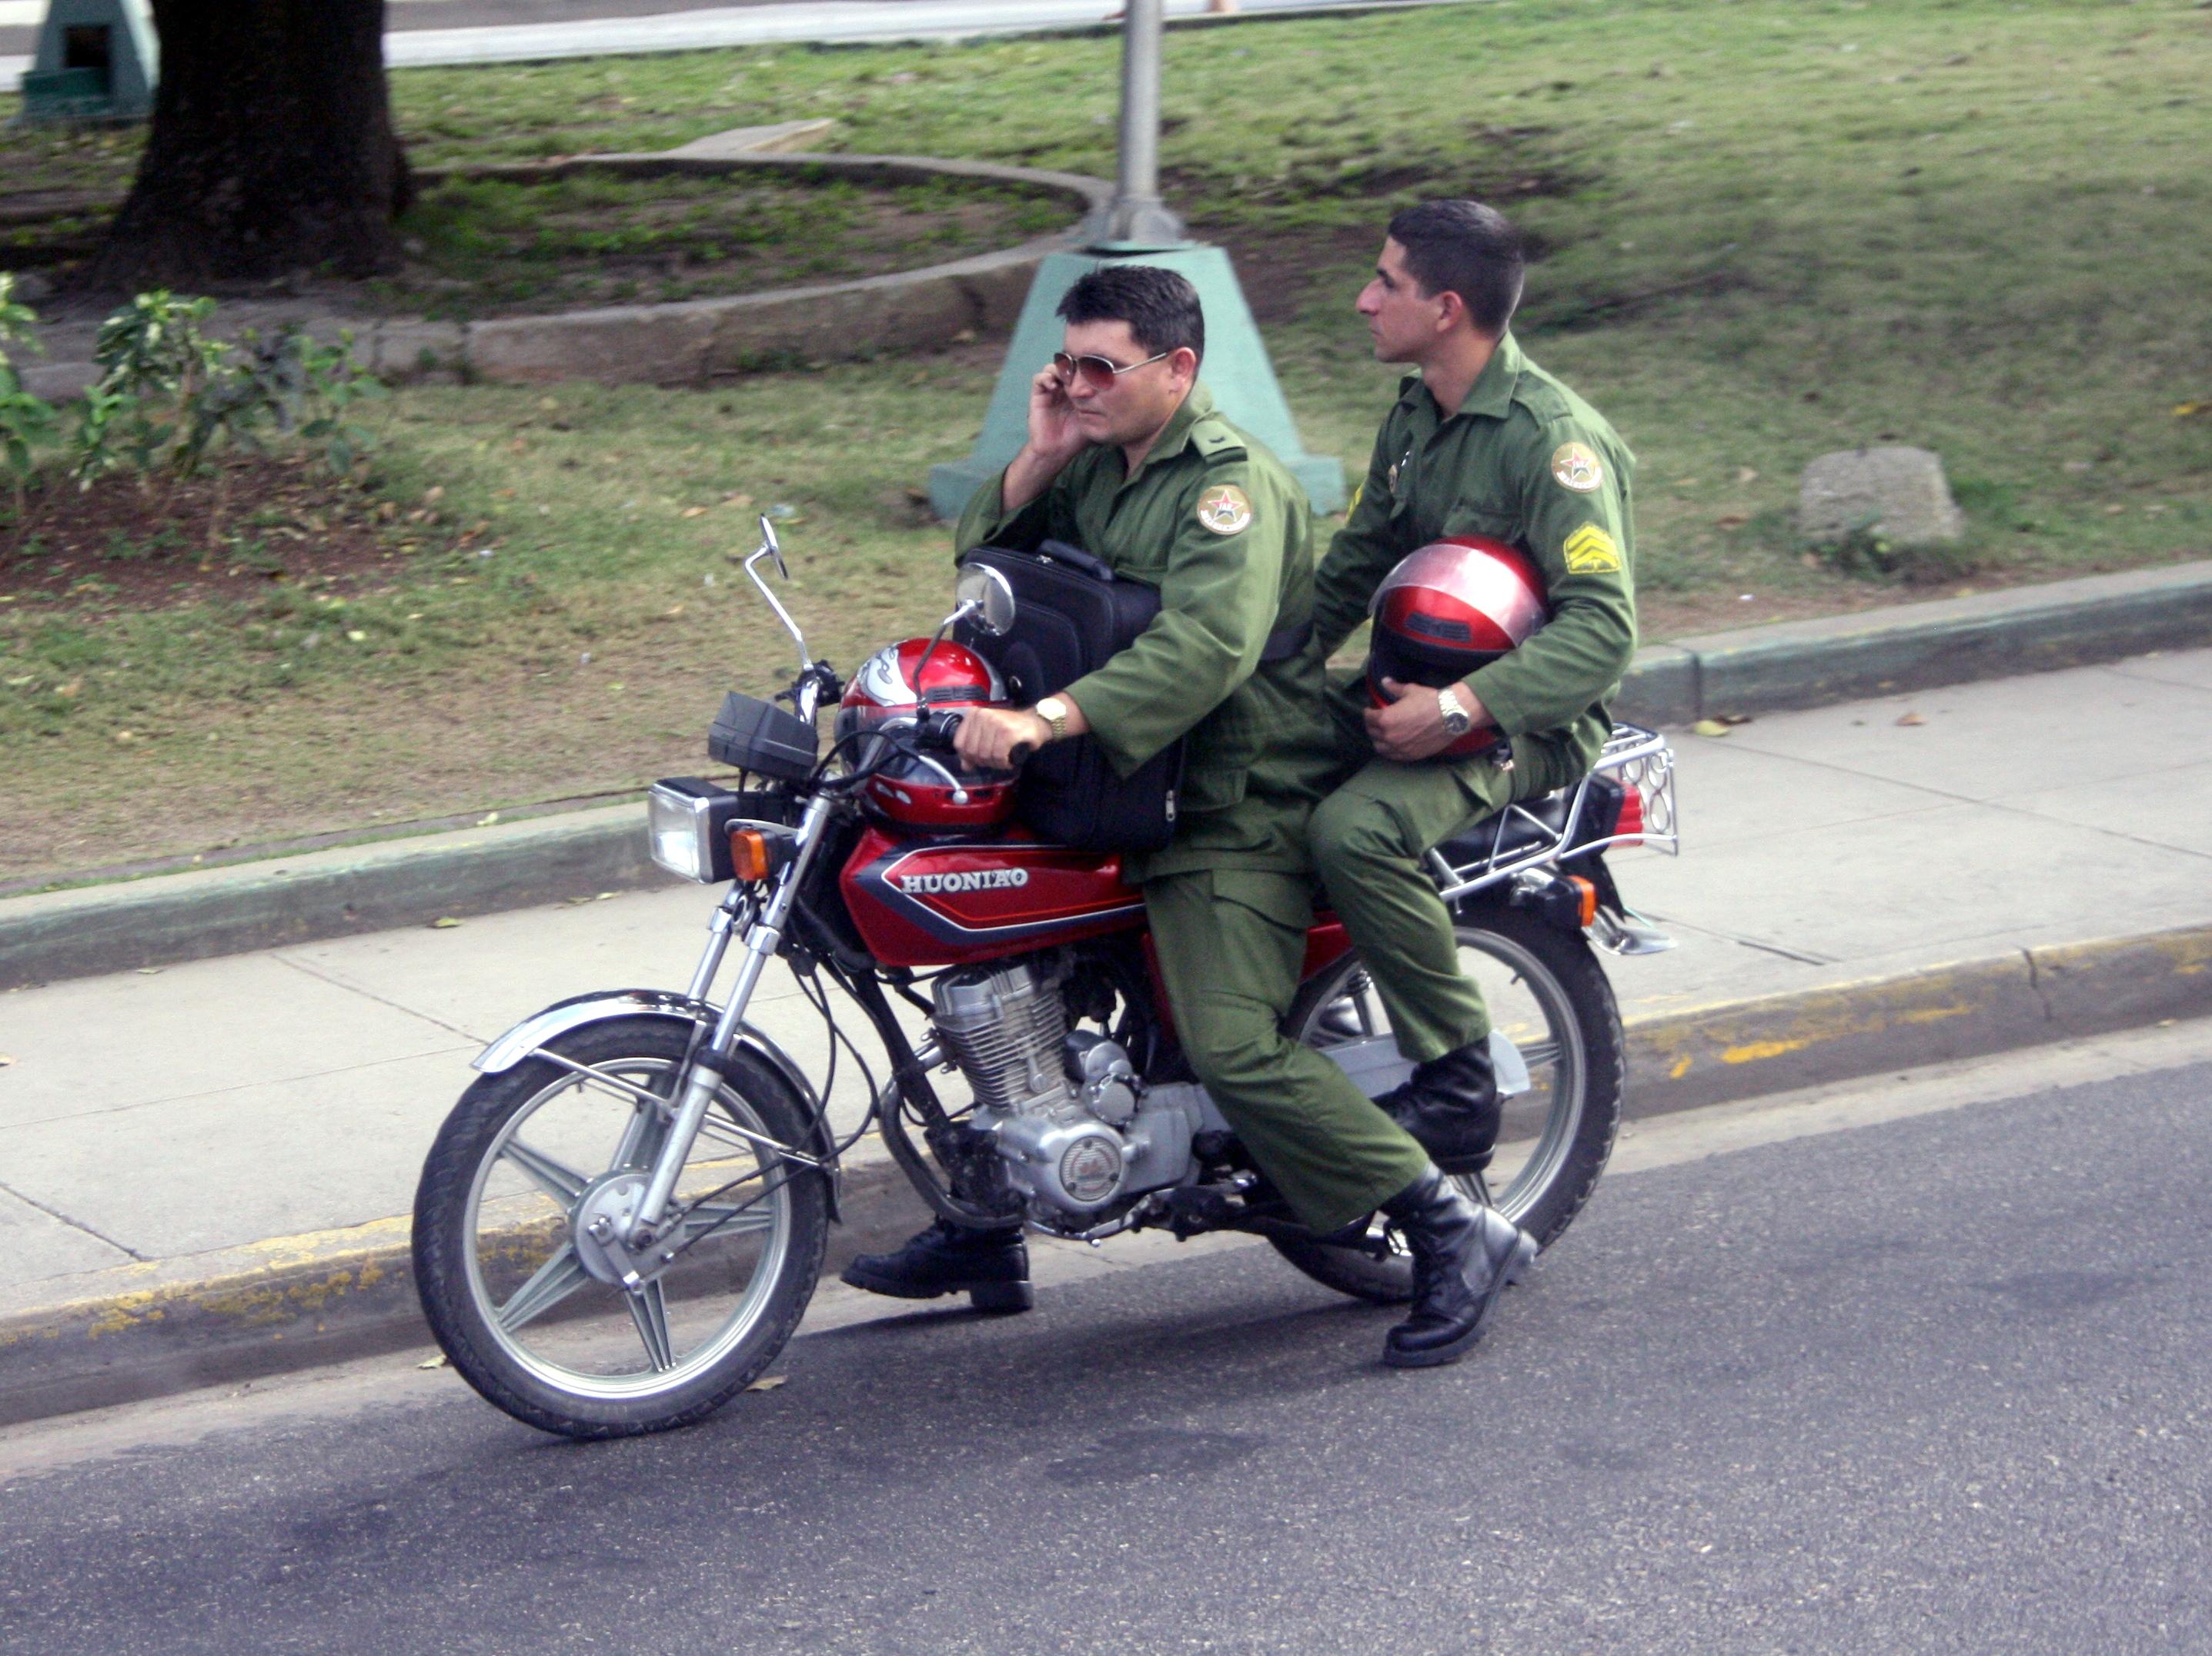 Cuban_Soldiers_of_Fuerzas_Armadas_Revolu